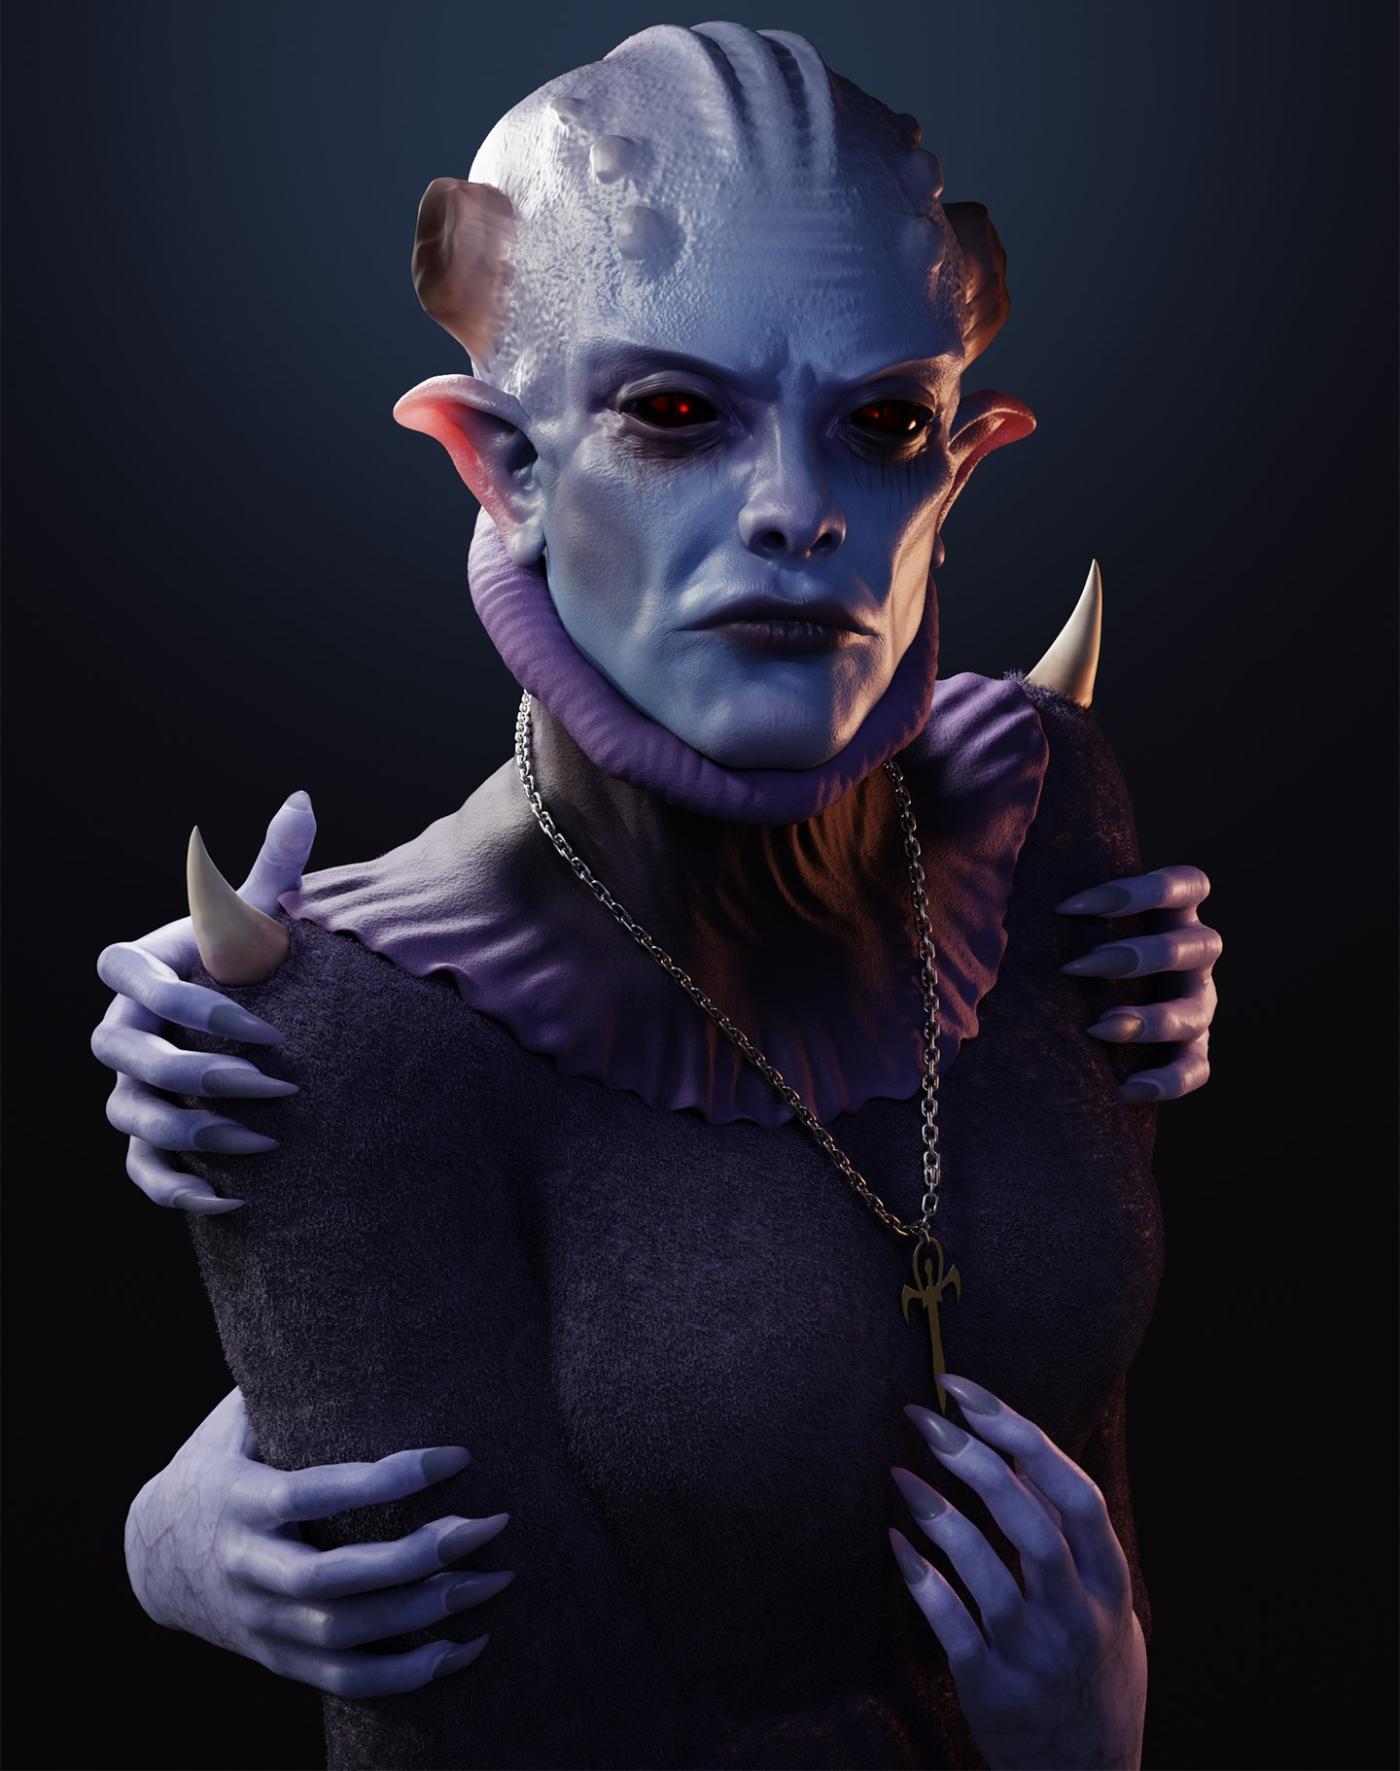 3d model principal blood sorceress by ferhat tanman